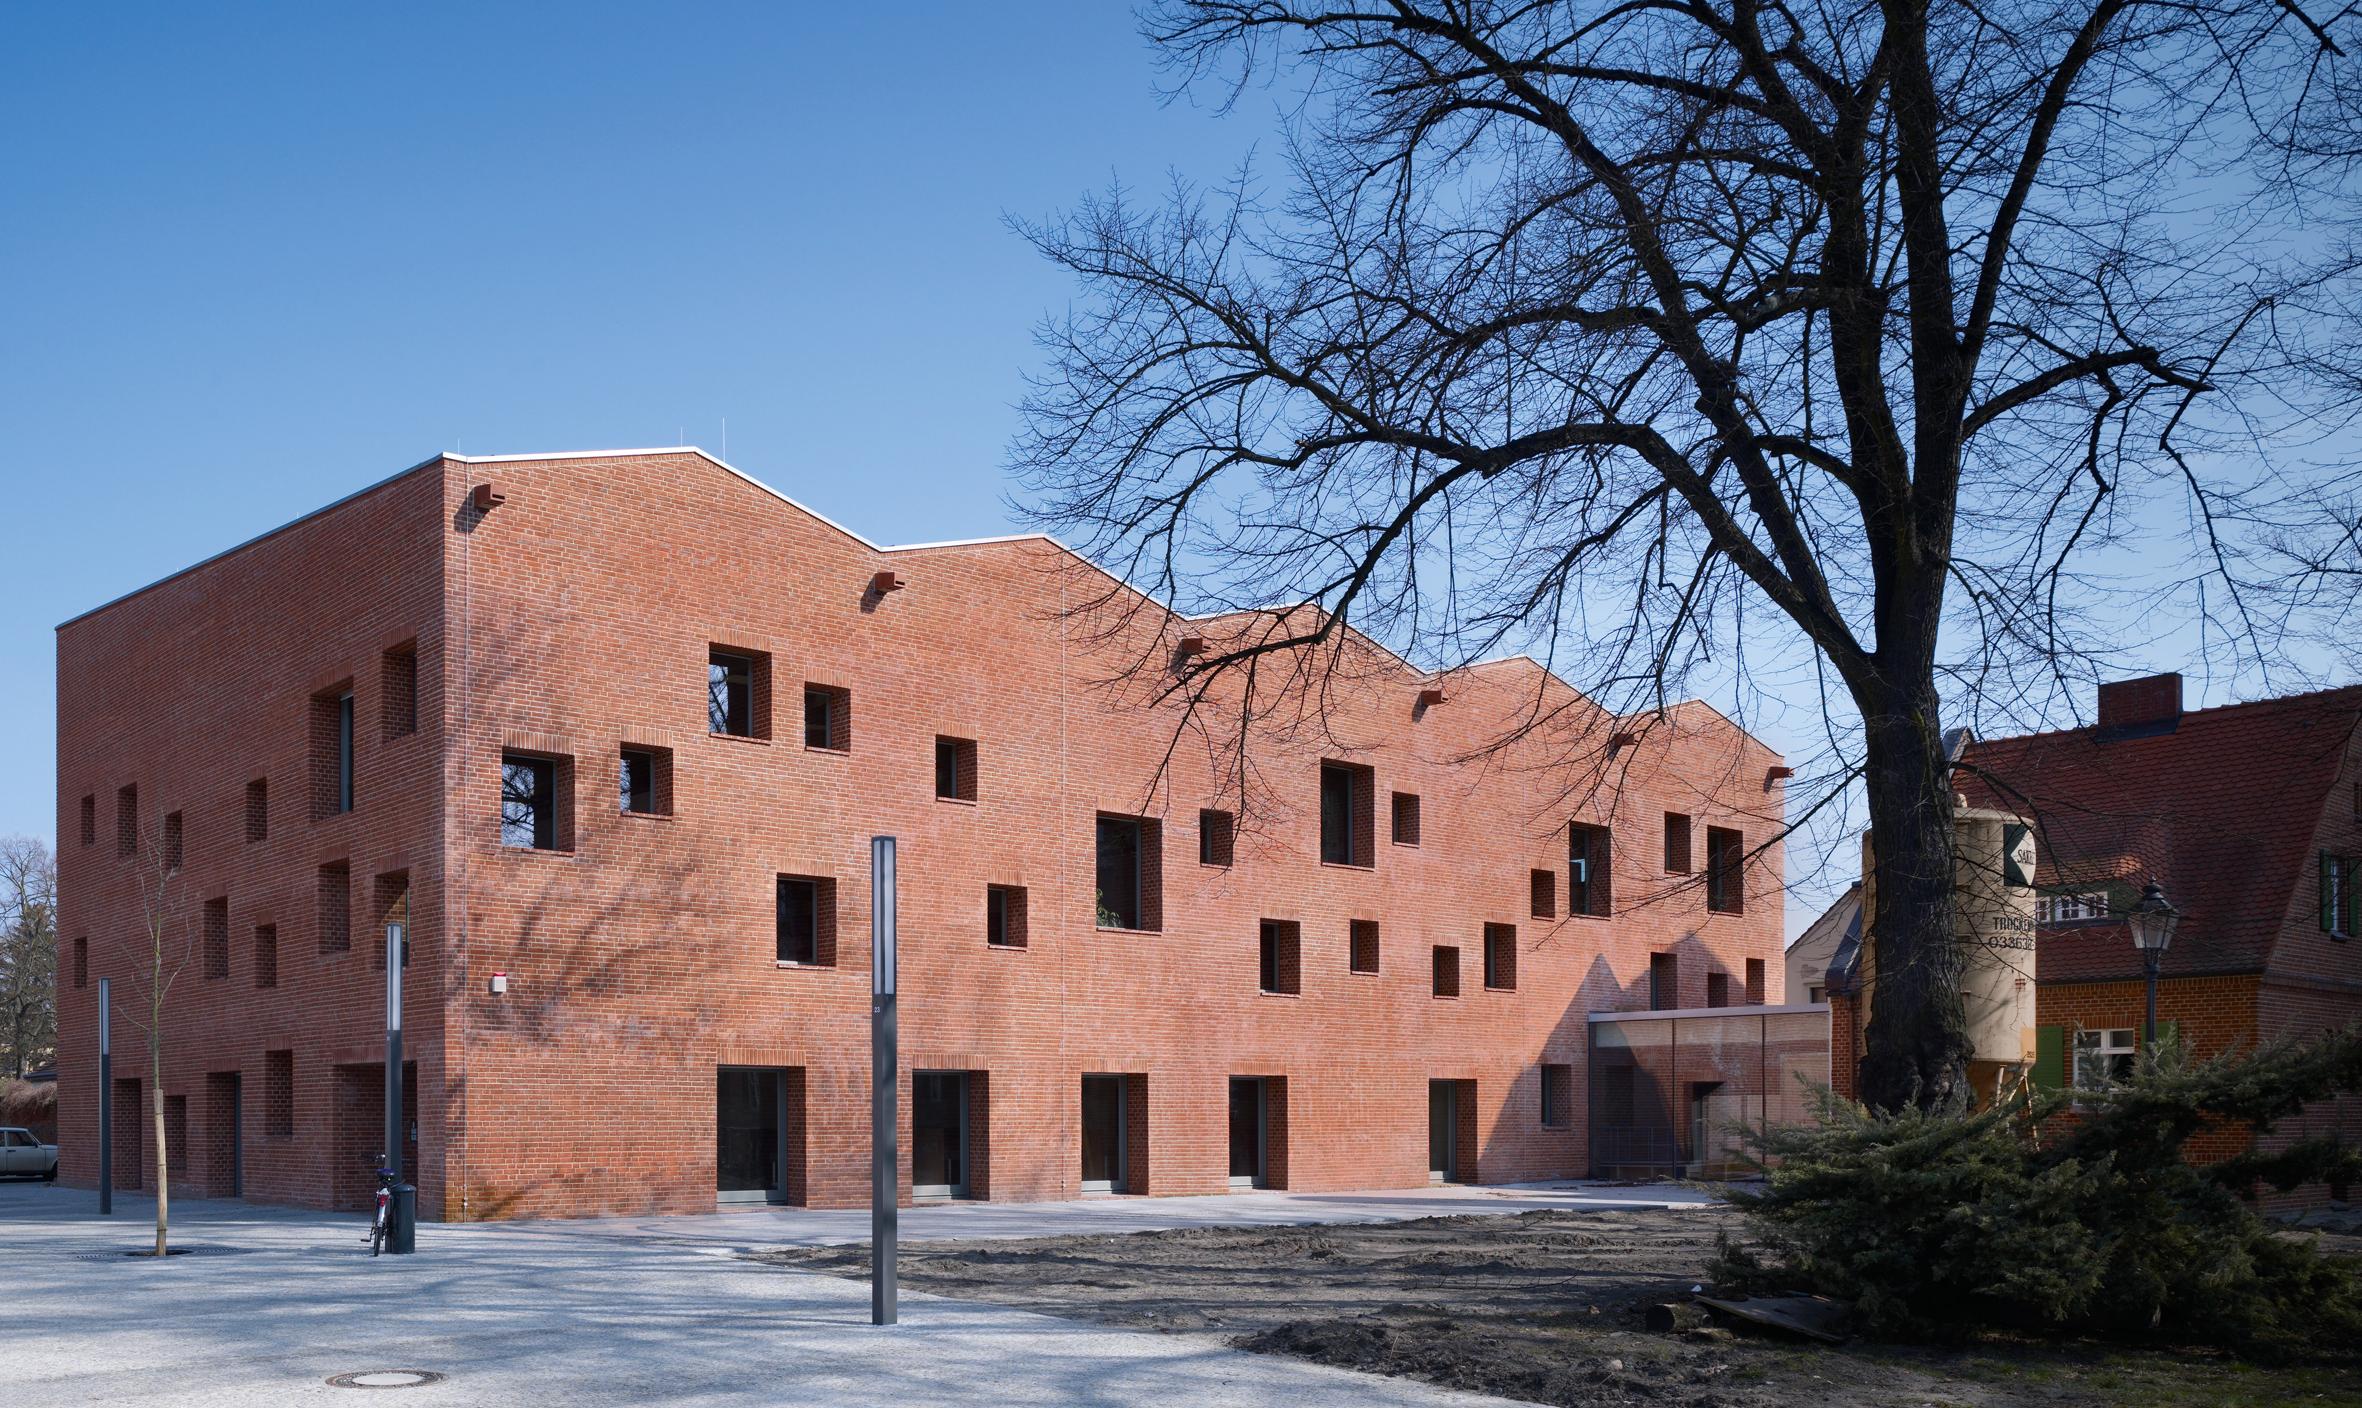 Bruno fioretti marquez architekten mittelpunktbibliothek altstadt k penick berlin hic - Architekten deutschland ...